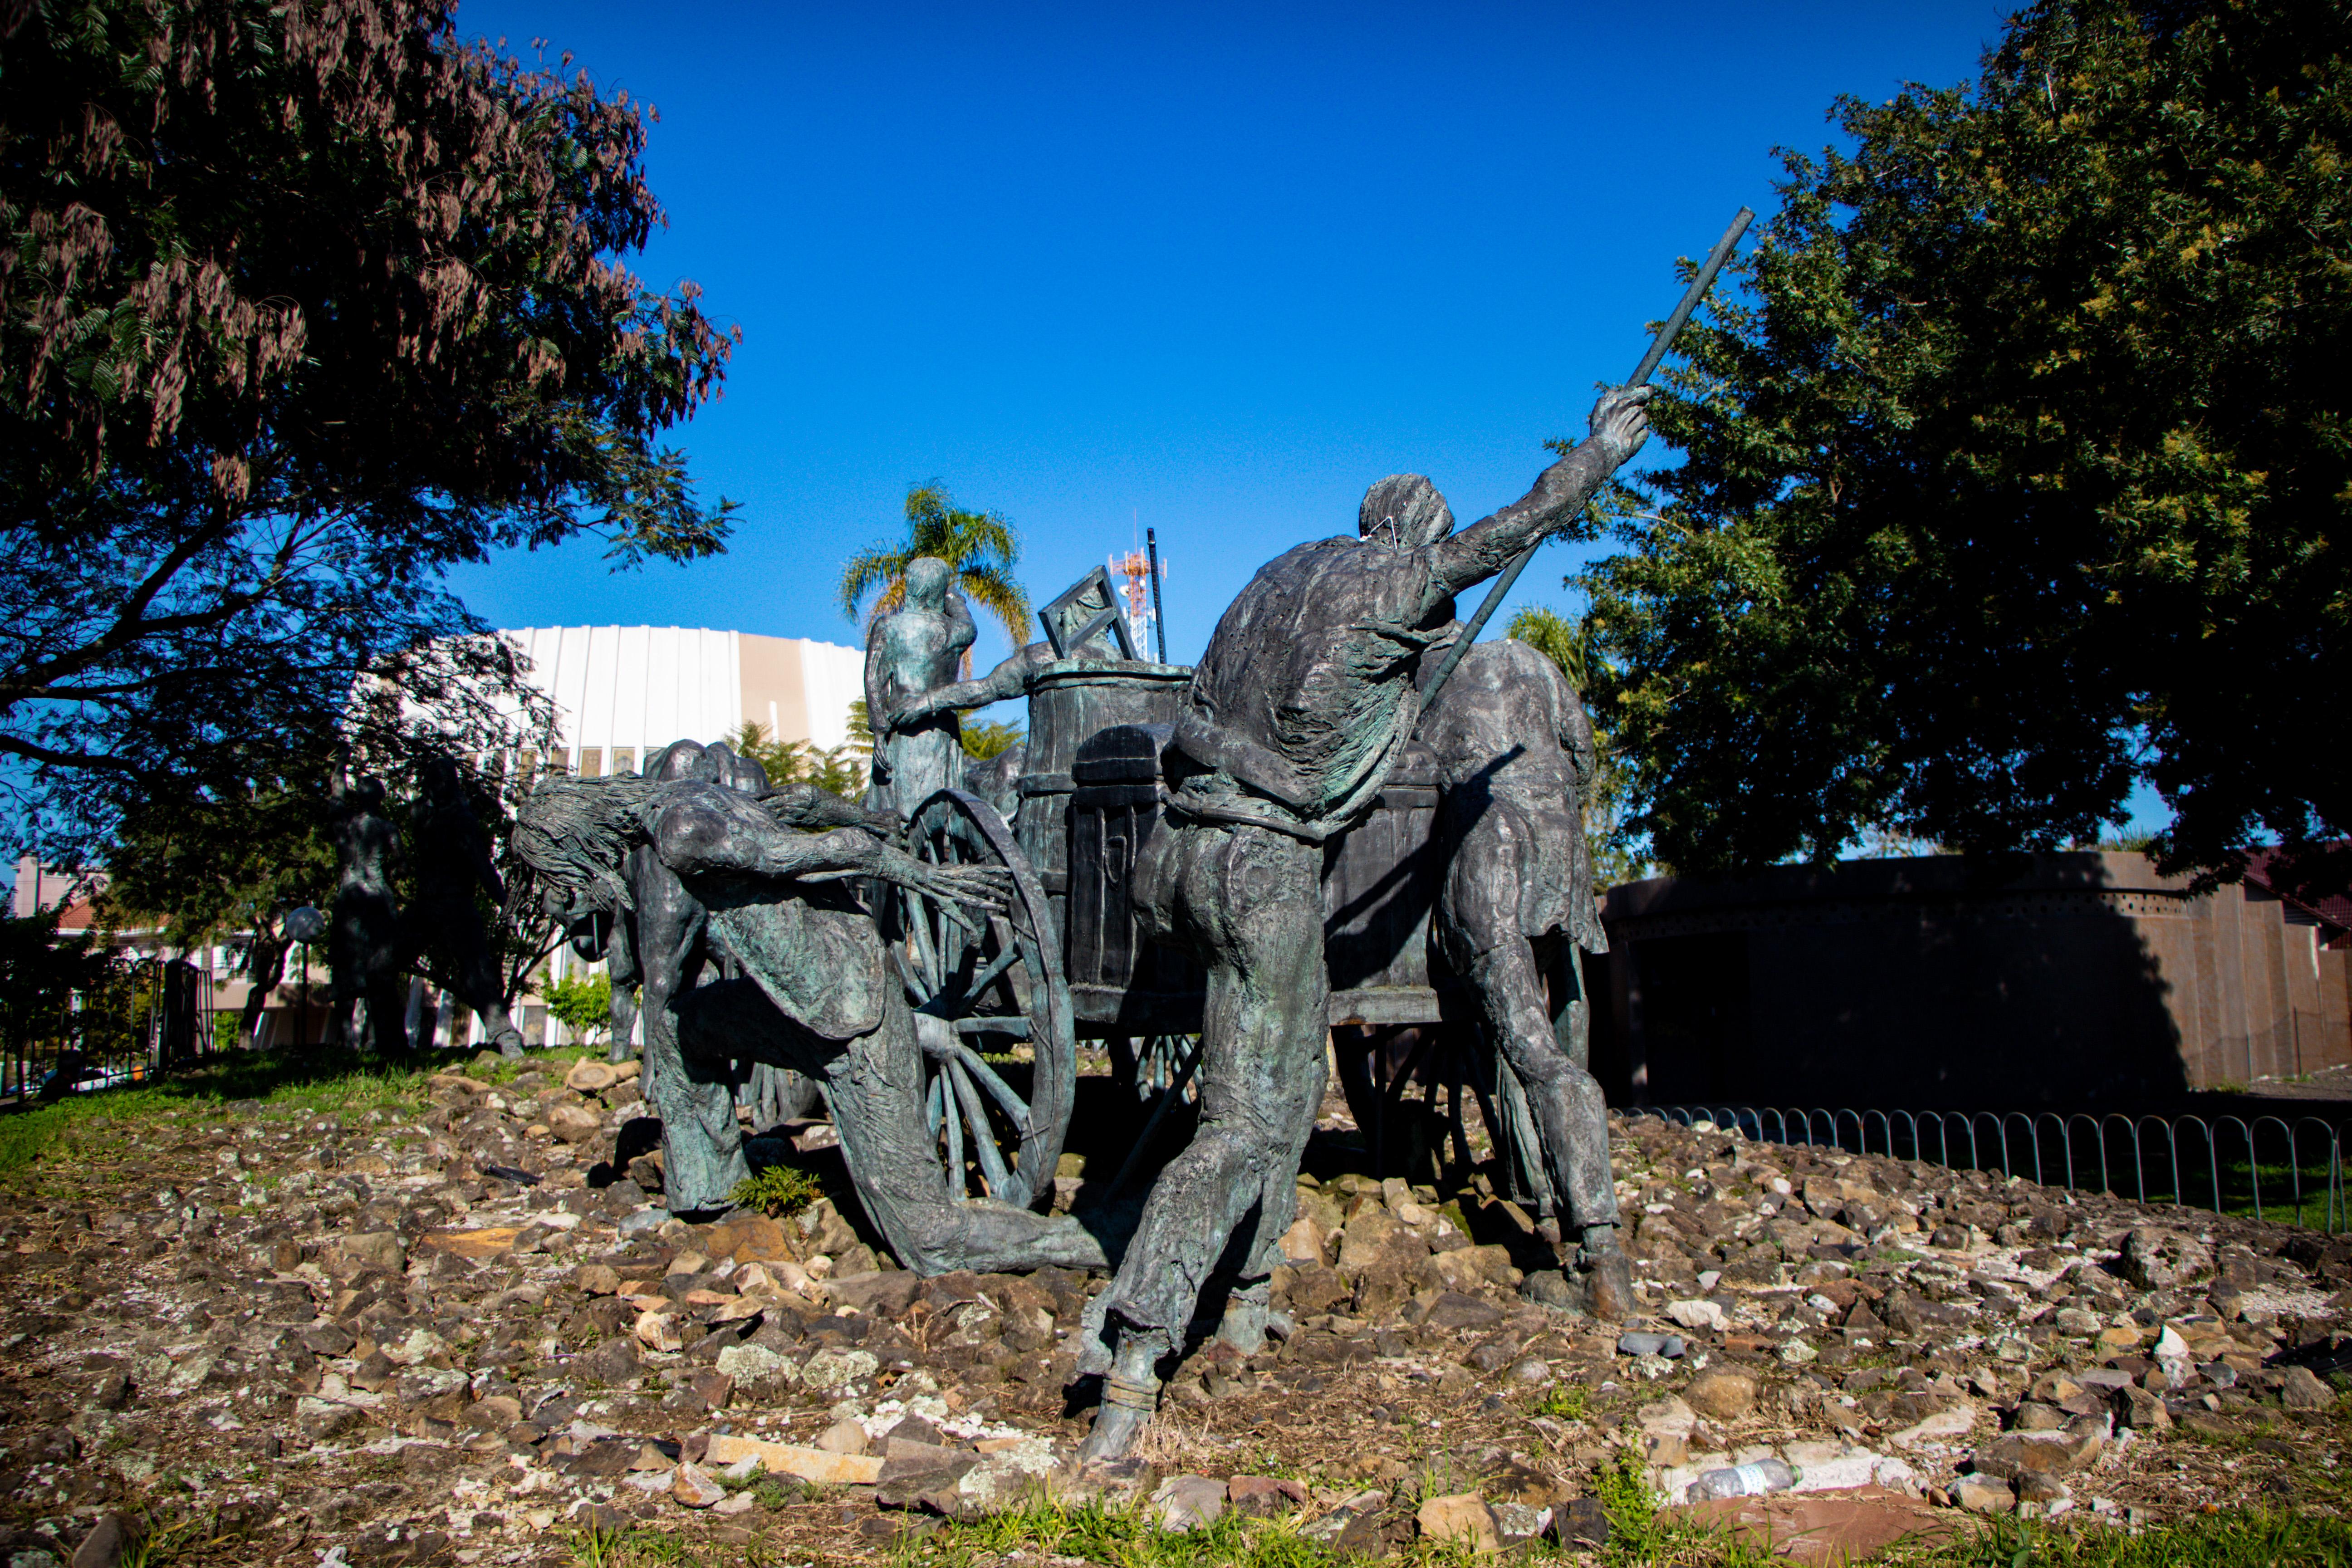 Praça Achyles Mincarone monumento ao imigrante bento gonçalves